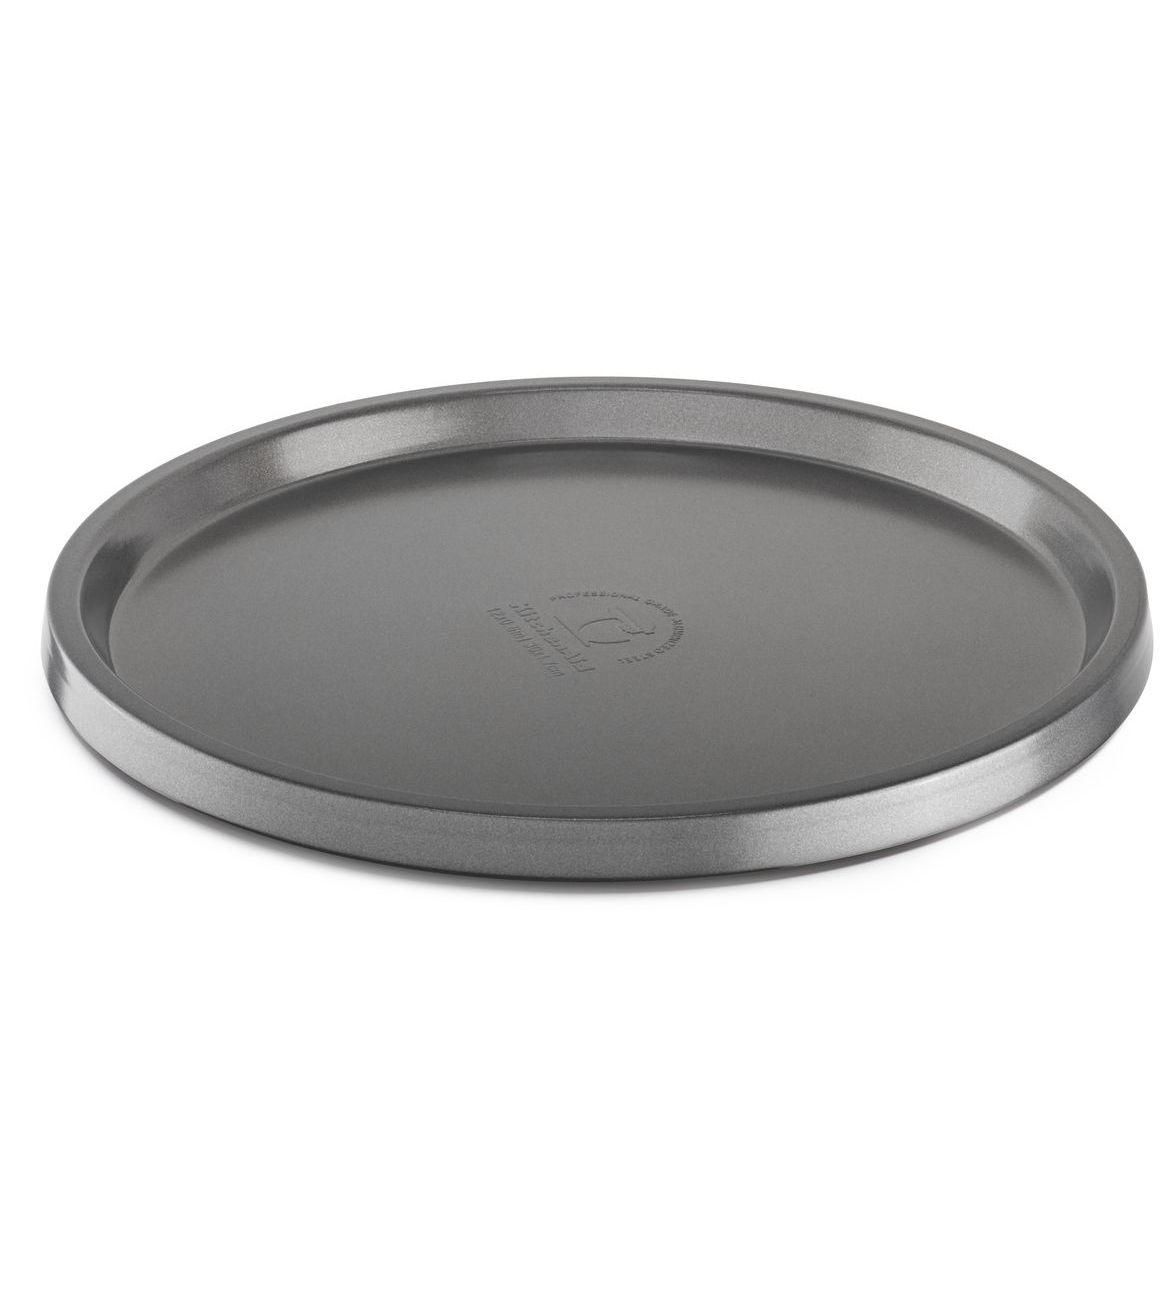 Противень для пиццы, круглый, 30 см, с антипригарным покрытием, KBNSO12TZ, KitchenAidФормы для выпечки<br>УЖЕ В ПРОДАЖЕ!&#13;<br>Новая коллекция форм для выпечки KitchenAid, созданная при участии признанных шеф-поваров международного класса, призвана сделать процесс создания печеных десертов и блюд из духовки еще более приятным и творческим. Пироги и кексы, хлеб и пицца, печенье и пирожные &amp;ndash; вы получите непередаваемое удовольствие от каждого ароматного и аппетитного кусочка!&#13;<br>Прочные, надёжные, массивные формы для выпечки KitchenAid изготавливаются из стали с покрытием из оксида алюминия. Покрытие защищает форму от коррозии, пятен, сколов и царапин, благодаря этому каждое изделие будет служить вам долгие годы, не теряя привлекательного вида. &amp;nbsp;&#13;<br>Рабочие поверхности имеют антипригарное покрытие, благодаря которому изделия не прилипают и сохраняют идеально ровную форму, независимо от того, какое тесто вы используете.&#13;<br>Благодаря равномерному распределению тепла, выпечка приобретает ровную золотистую корочку.&#13;<br>Формы можно использовать в духовке при температуре до 230&amp;deg;C.&#13;<br>Можно мыть в посудомоечной машине.<br>